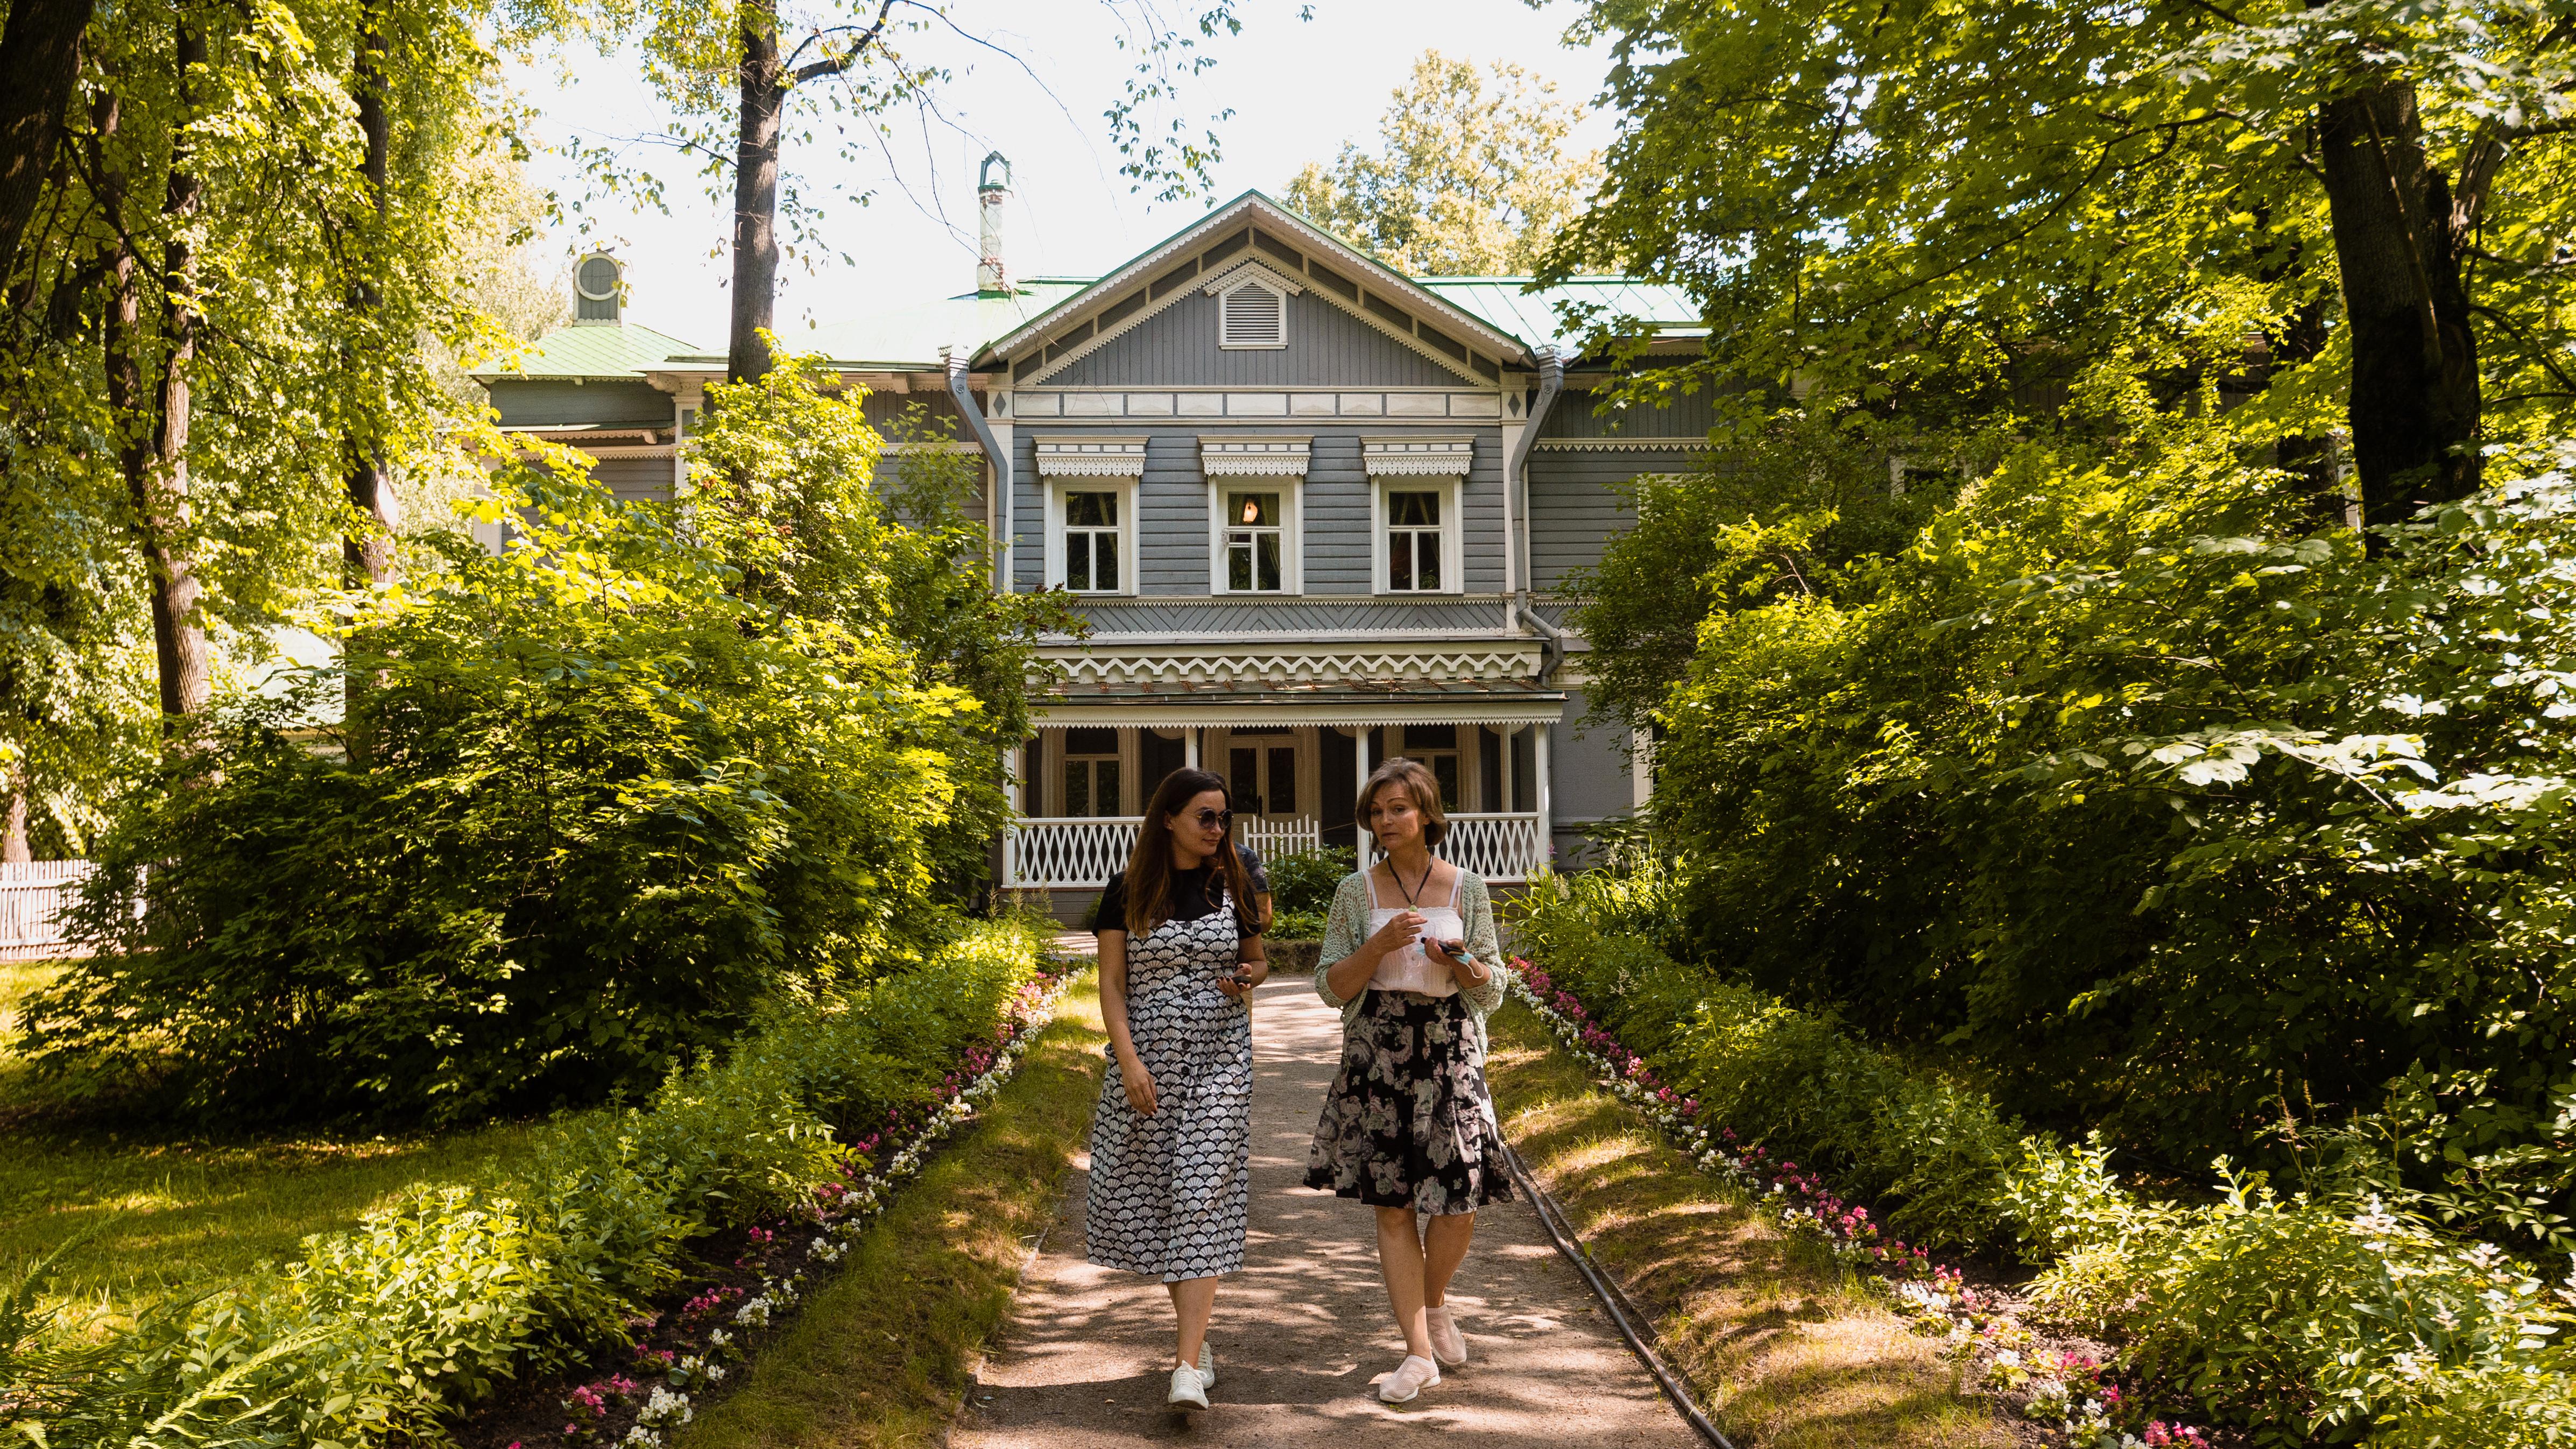 Юриспруденция или музыка: подкаст «Путь-дорога» рассказал о жизни Чайковского в Клину